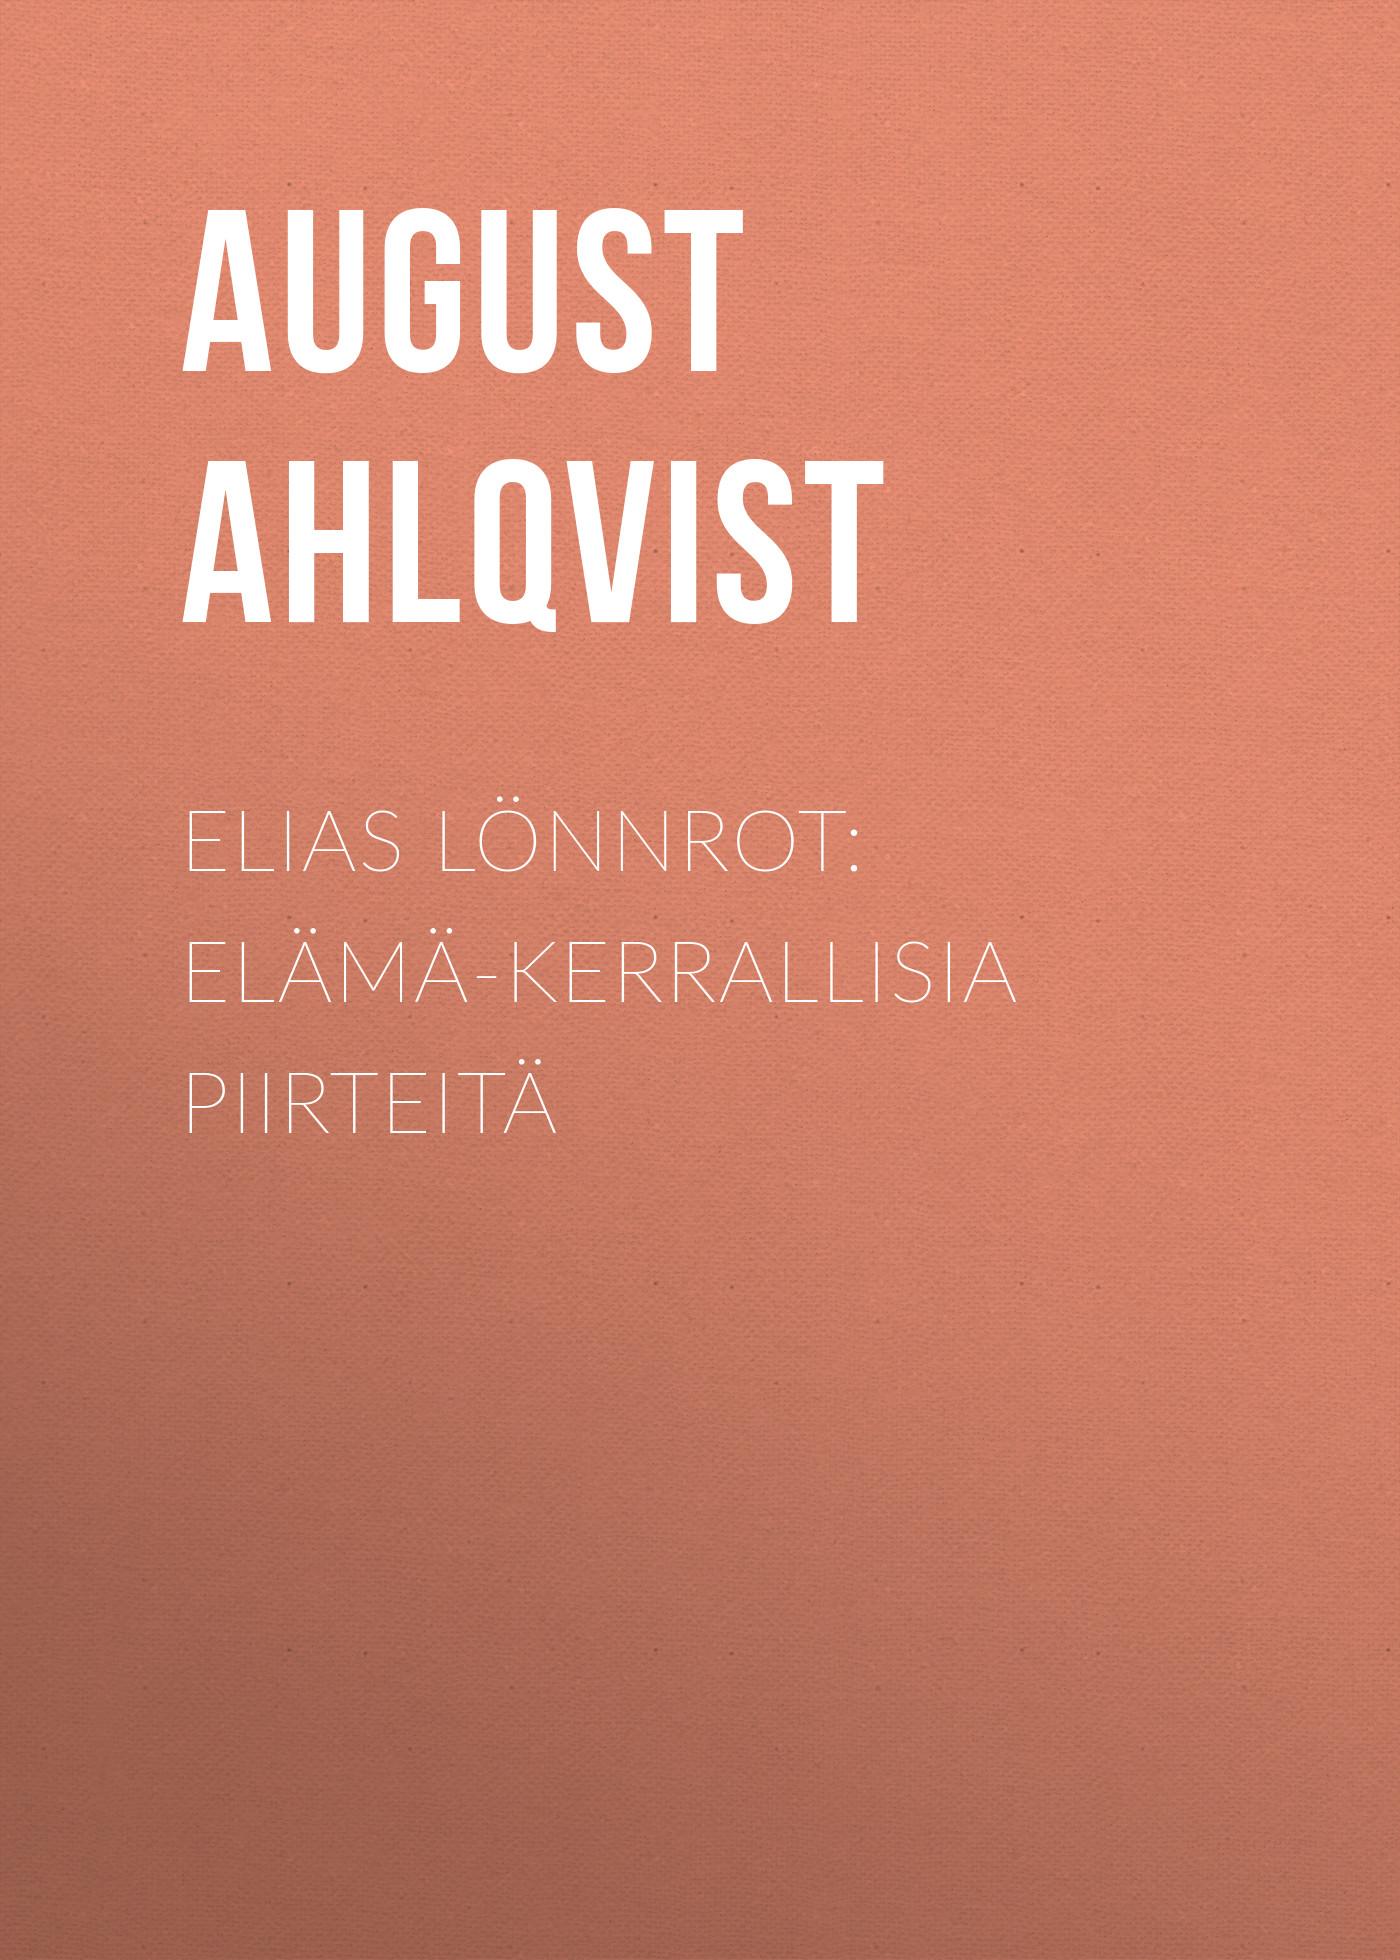 Ahlqvist August Elias Lönnrot: Elämä-kerrallisia piirteitä elias rampello rosario